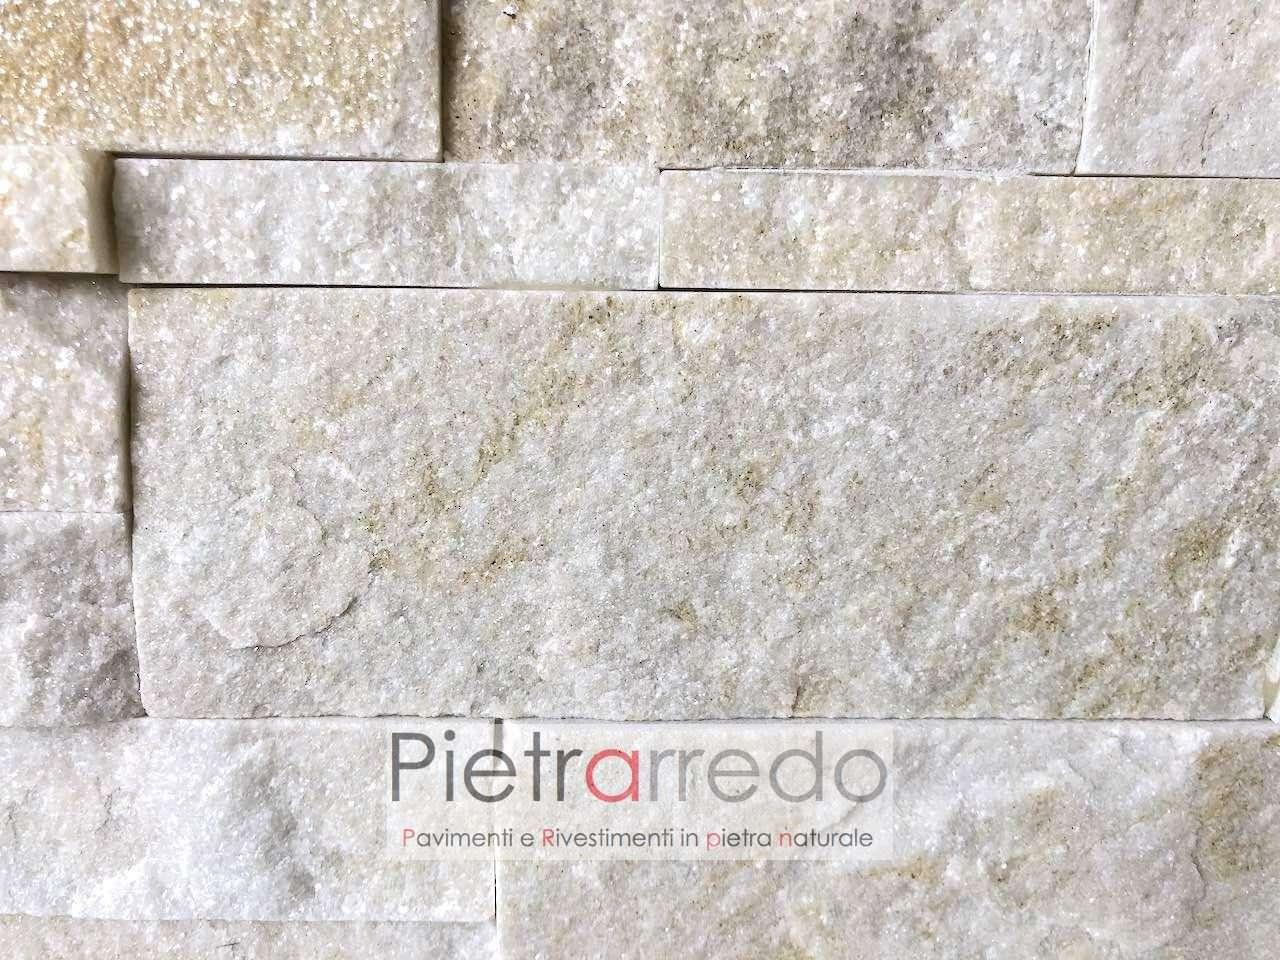 pietra tranciata a listelli placche deco stone cladding modigliani zeta incastro brillantinata pietrarredo milano costo